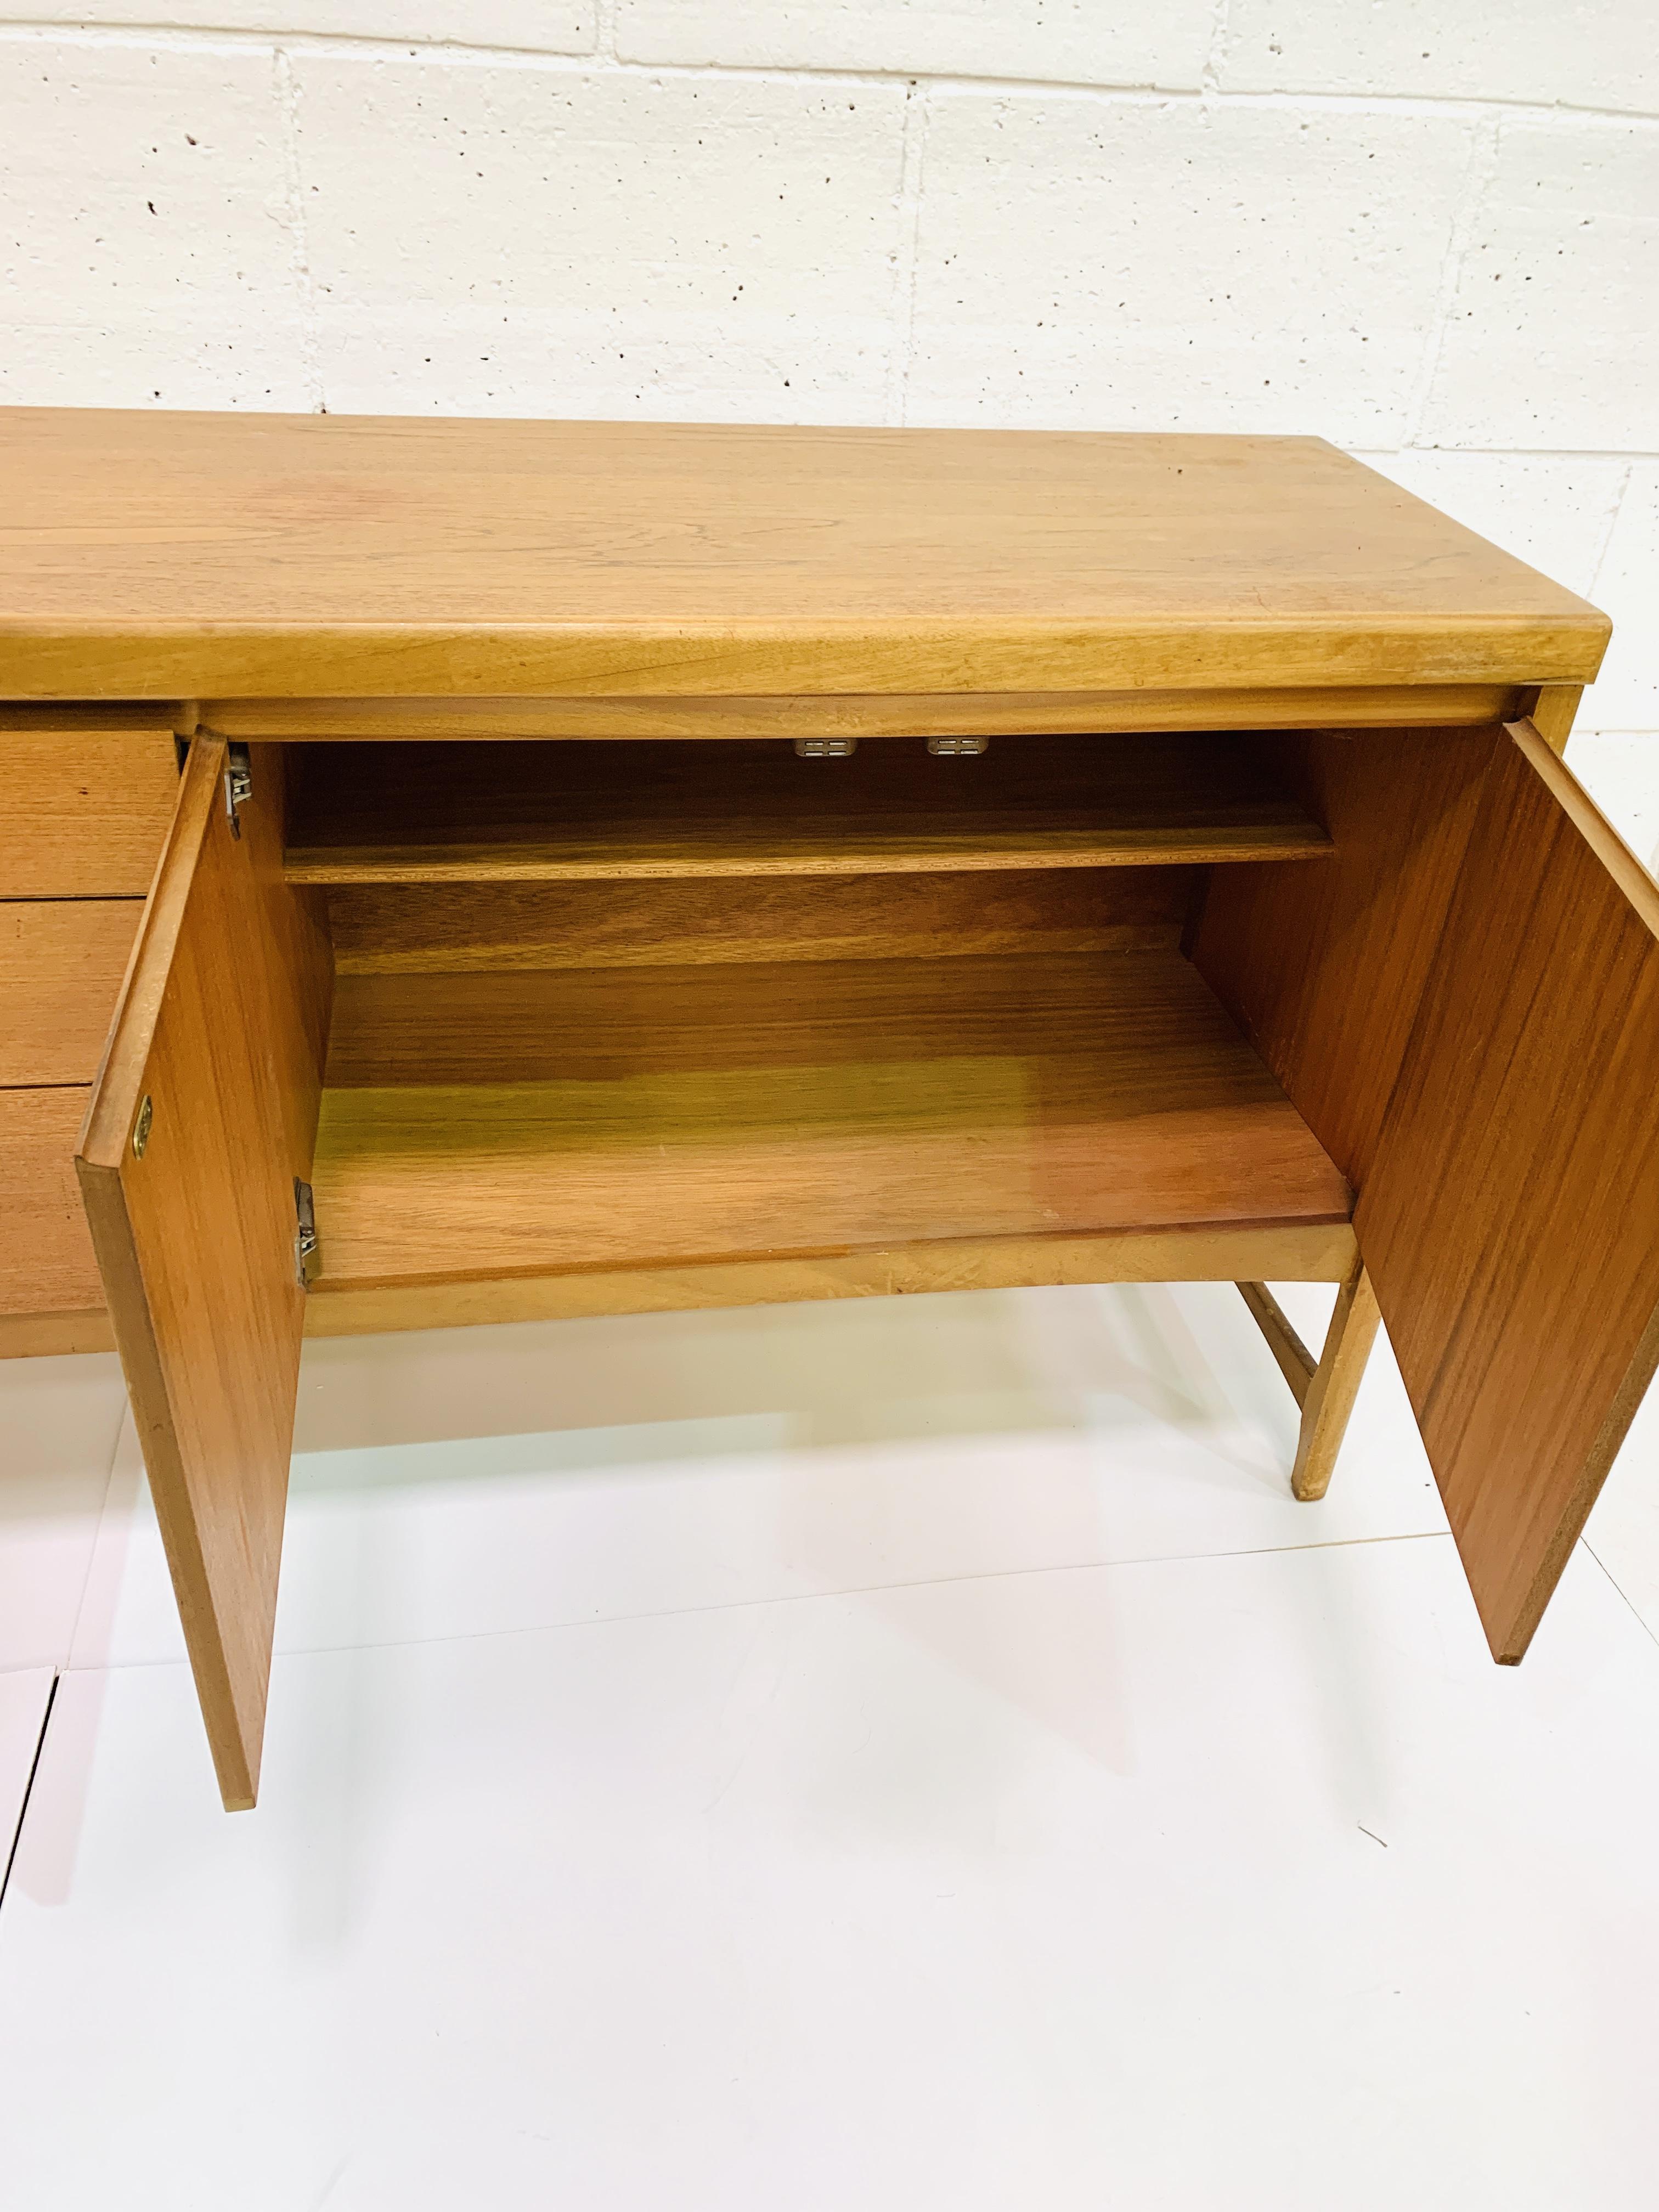 1970's teak sideboard - Image 5 of 6